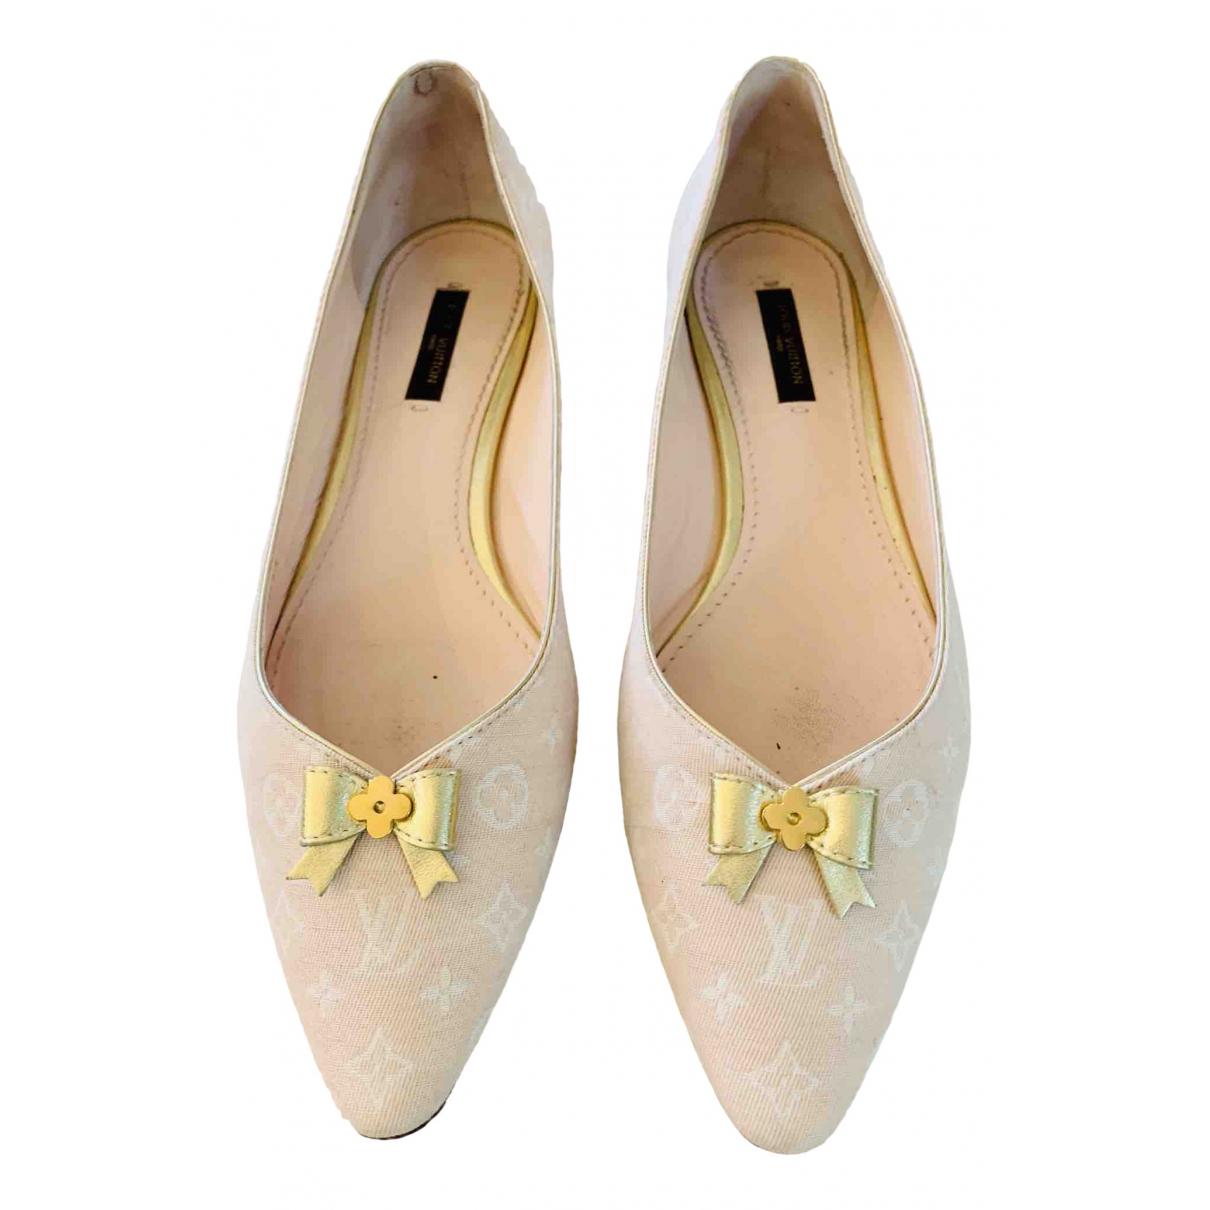 Bailarinas de Lona Louis Vuitton